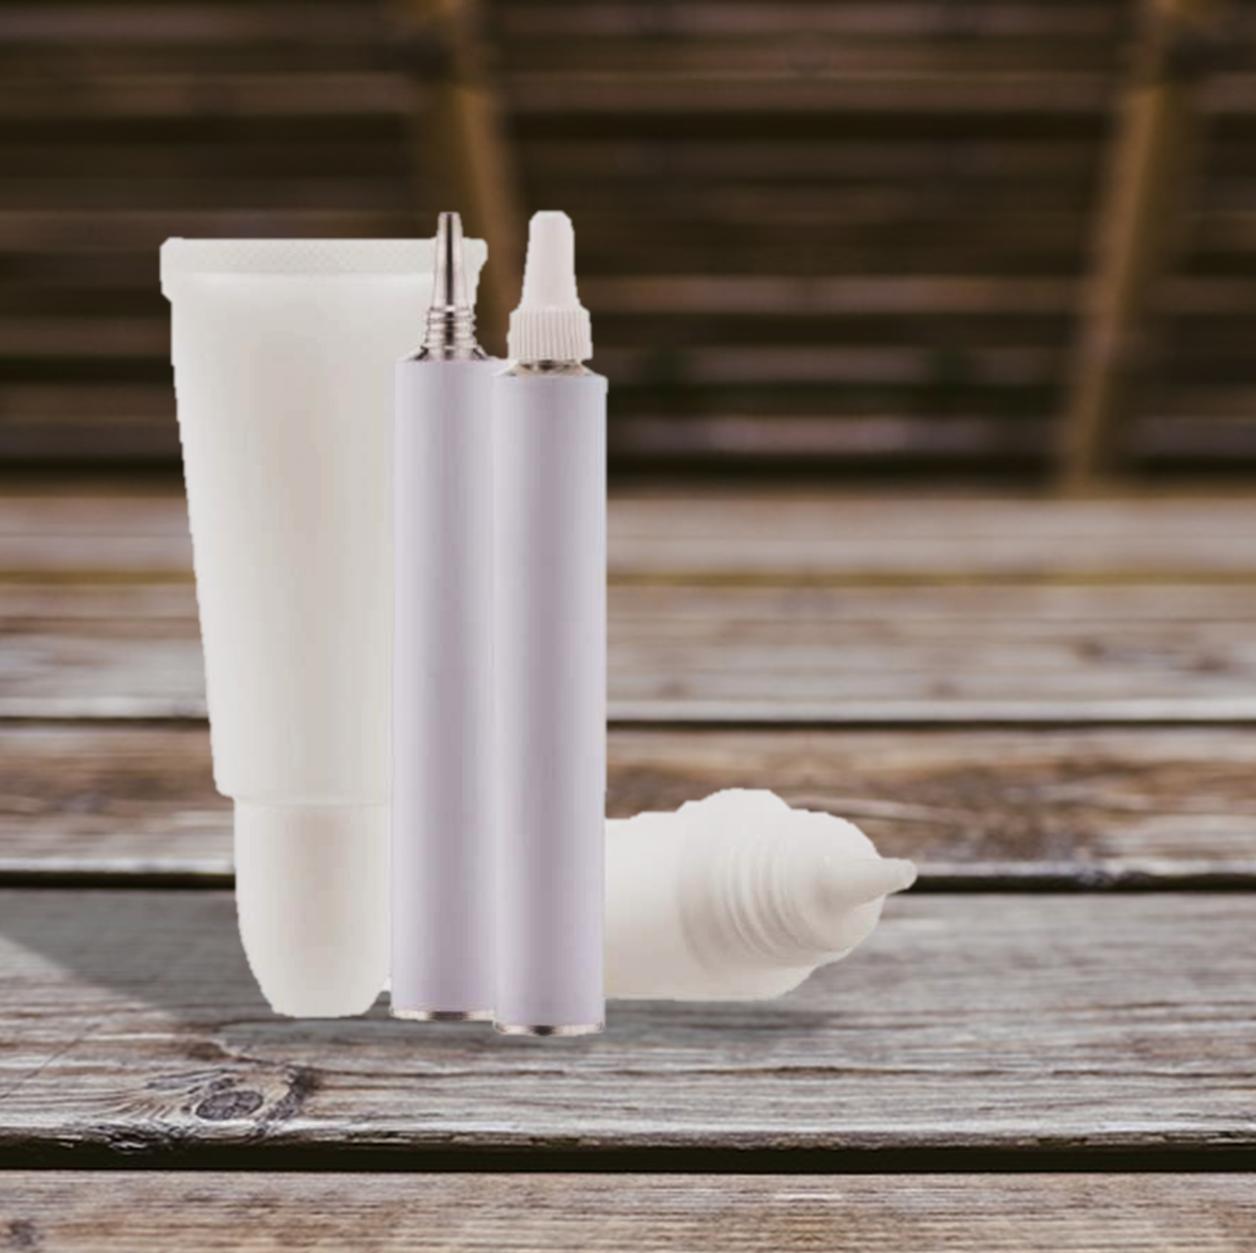 Imagens de pomadas sobre uma mesa -  Pomadas são remédios e seu uso necessita de acompanhamento médico. (Fonte: Rede Olhos)